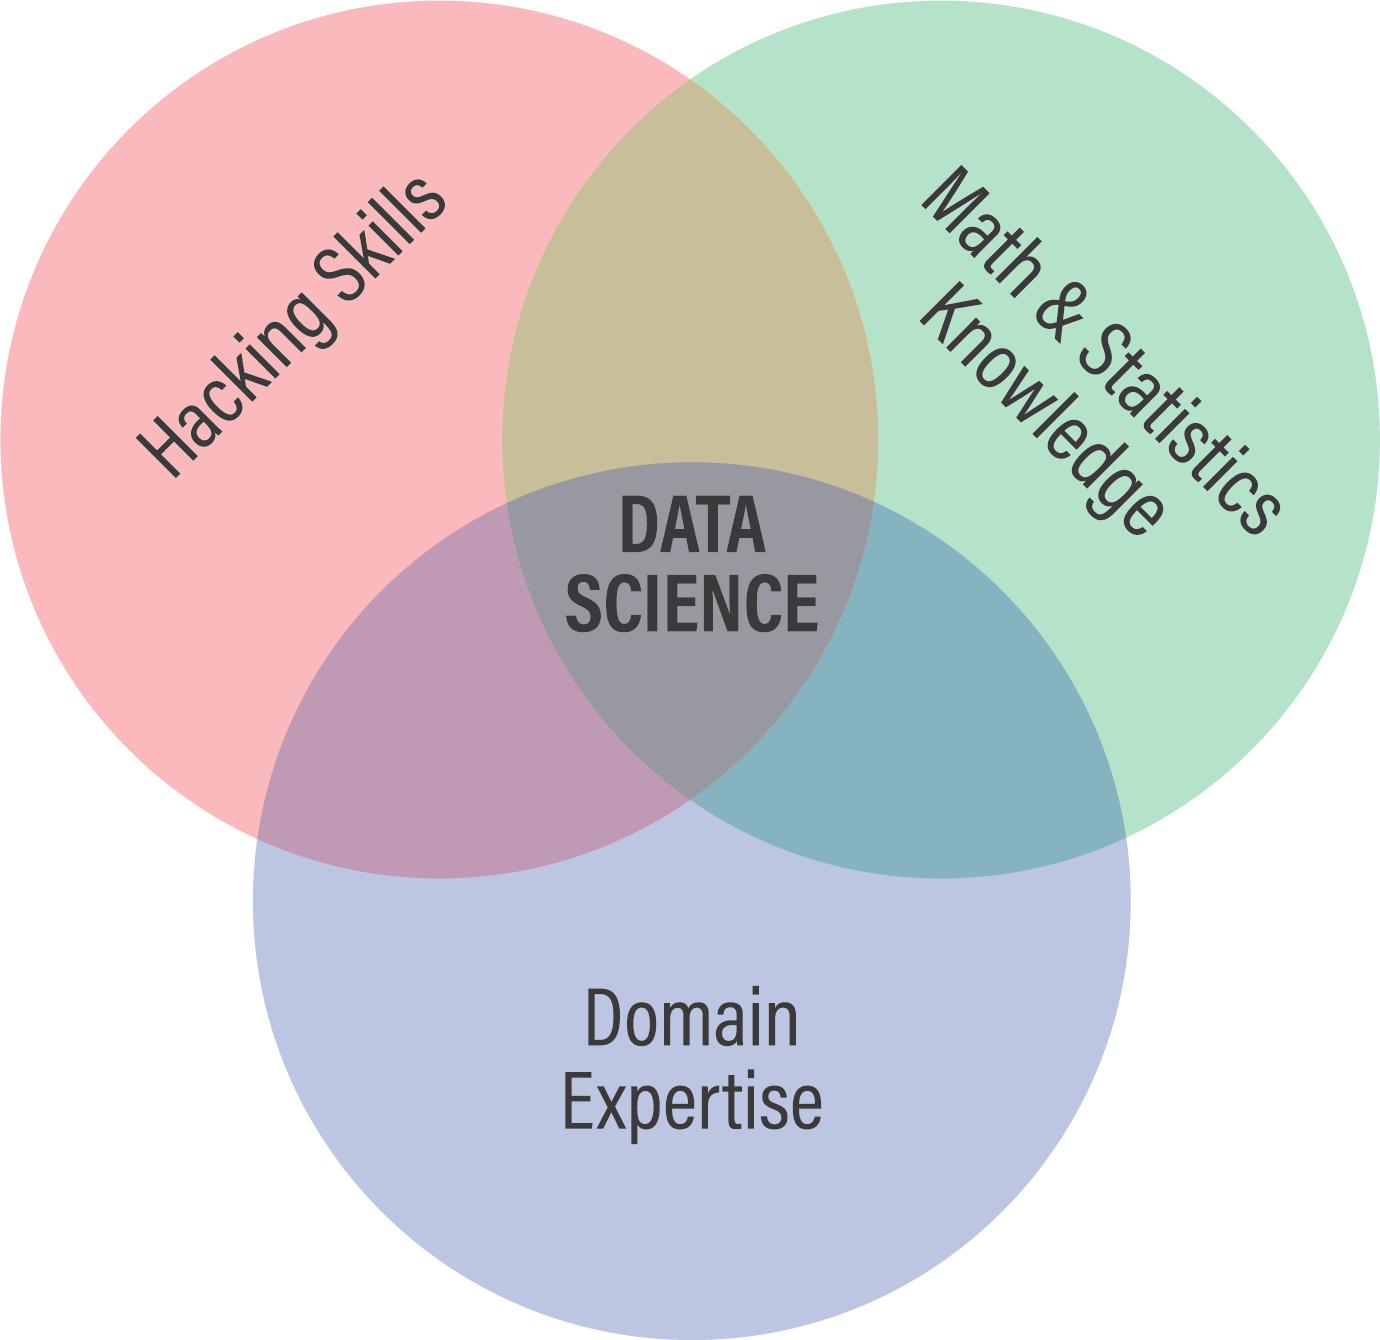 Как стать более востребованным специалистом в сфере data science в 2019 / хабр